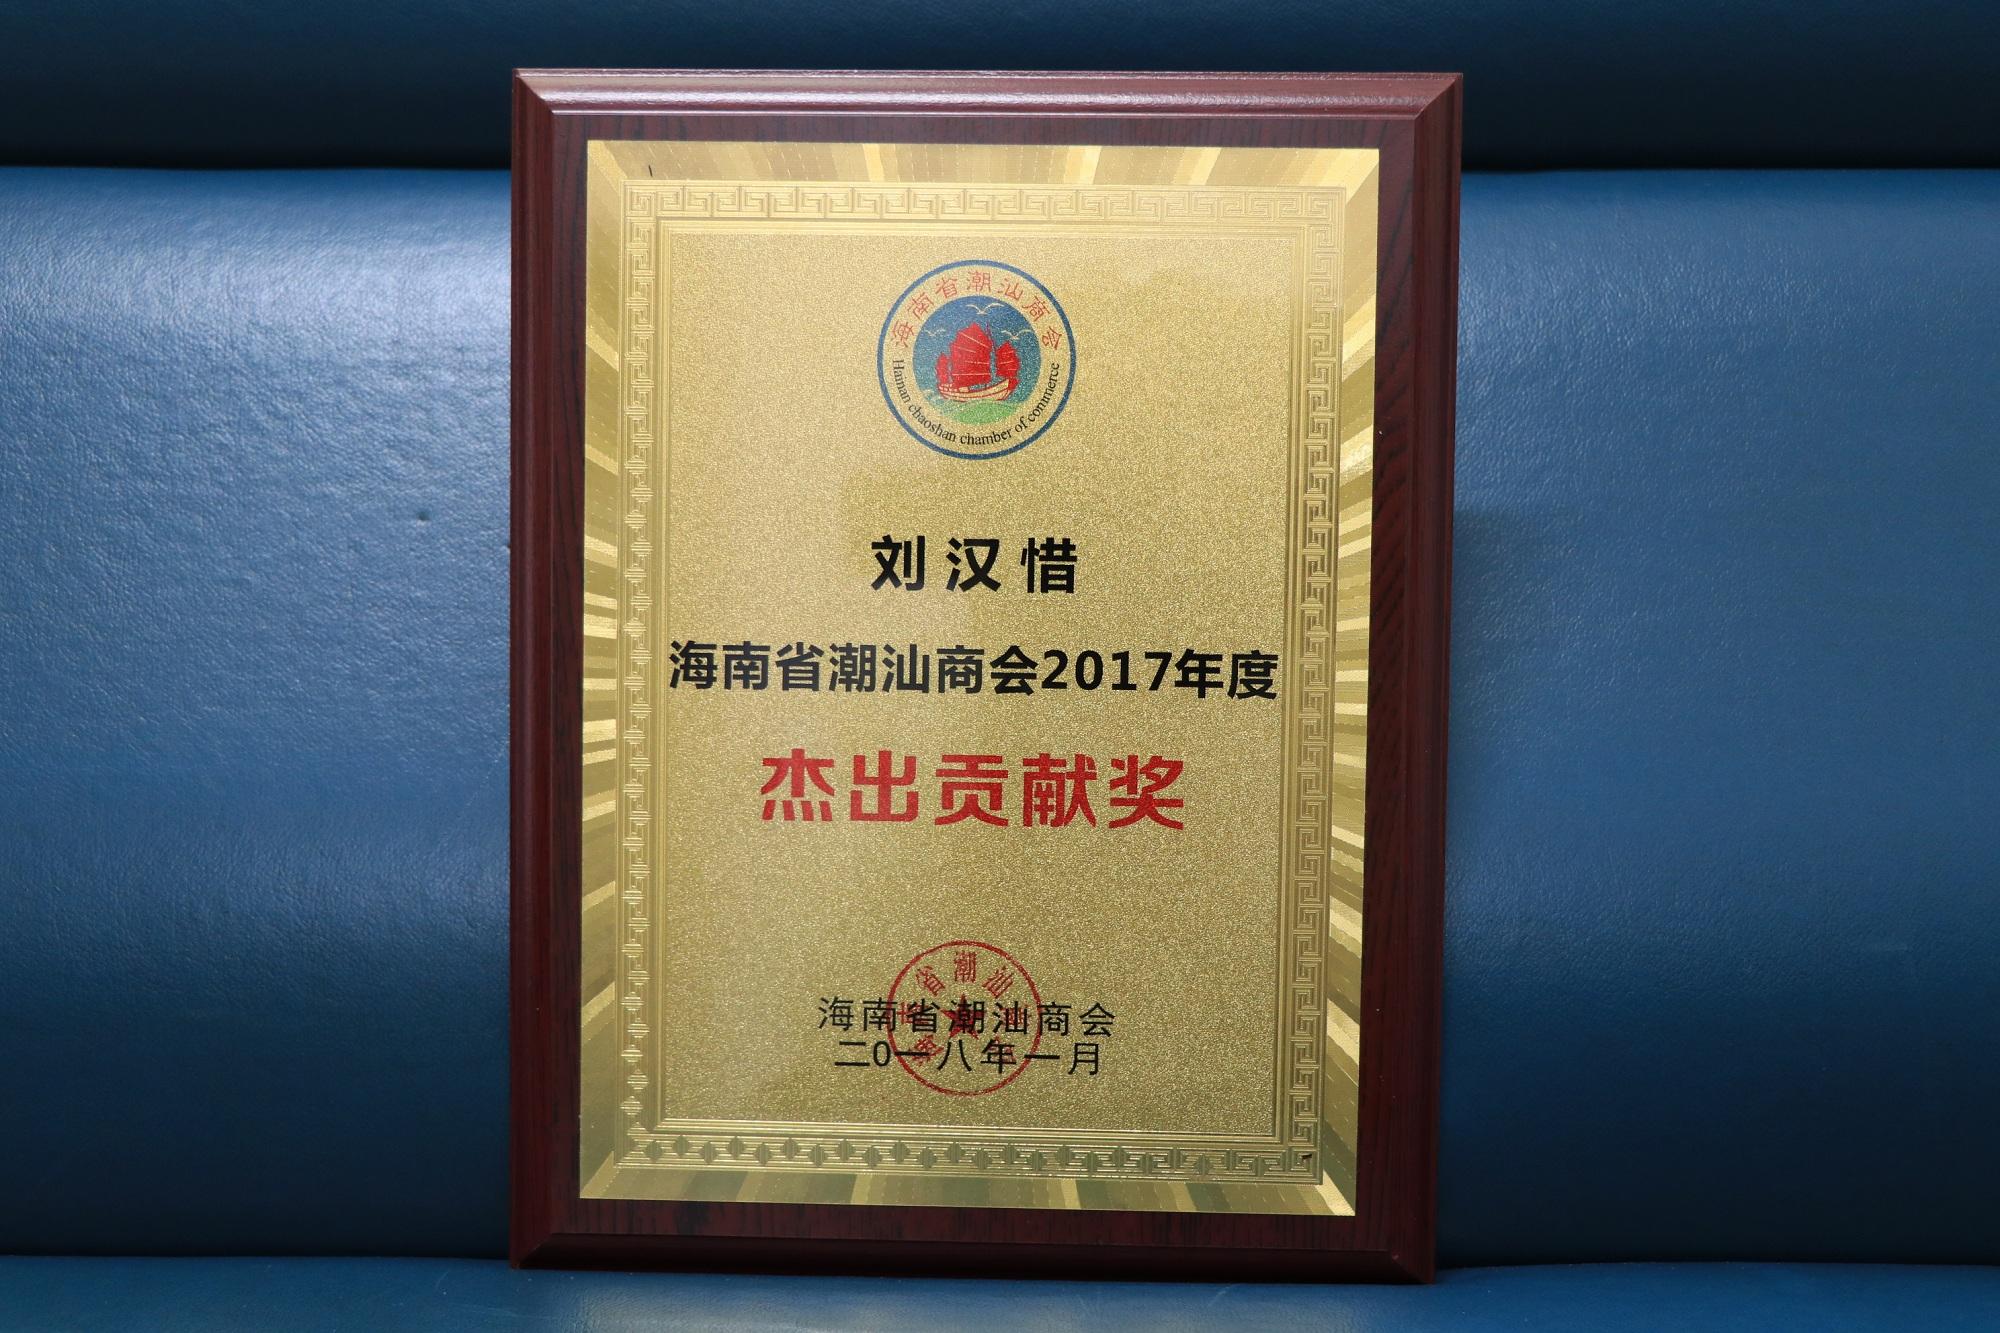 2017年度海南省潮汕商会杰出贡献奖